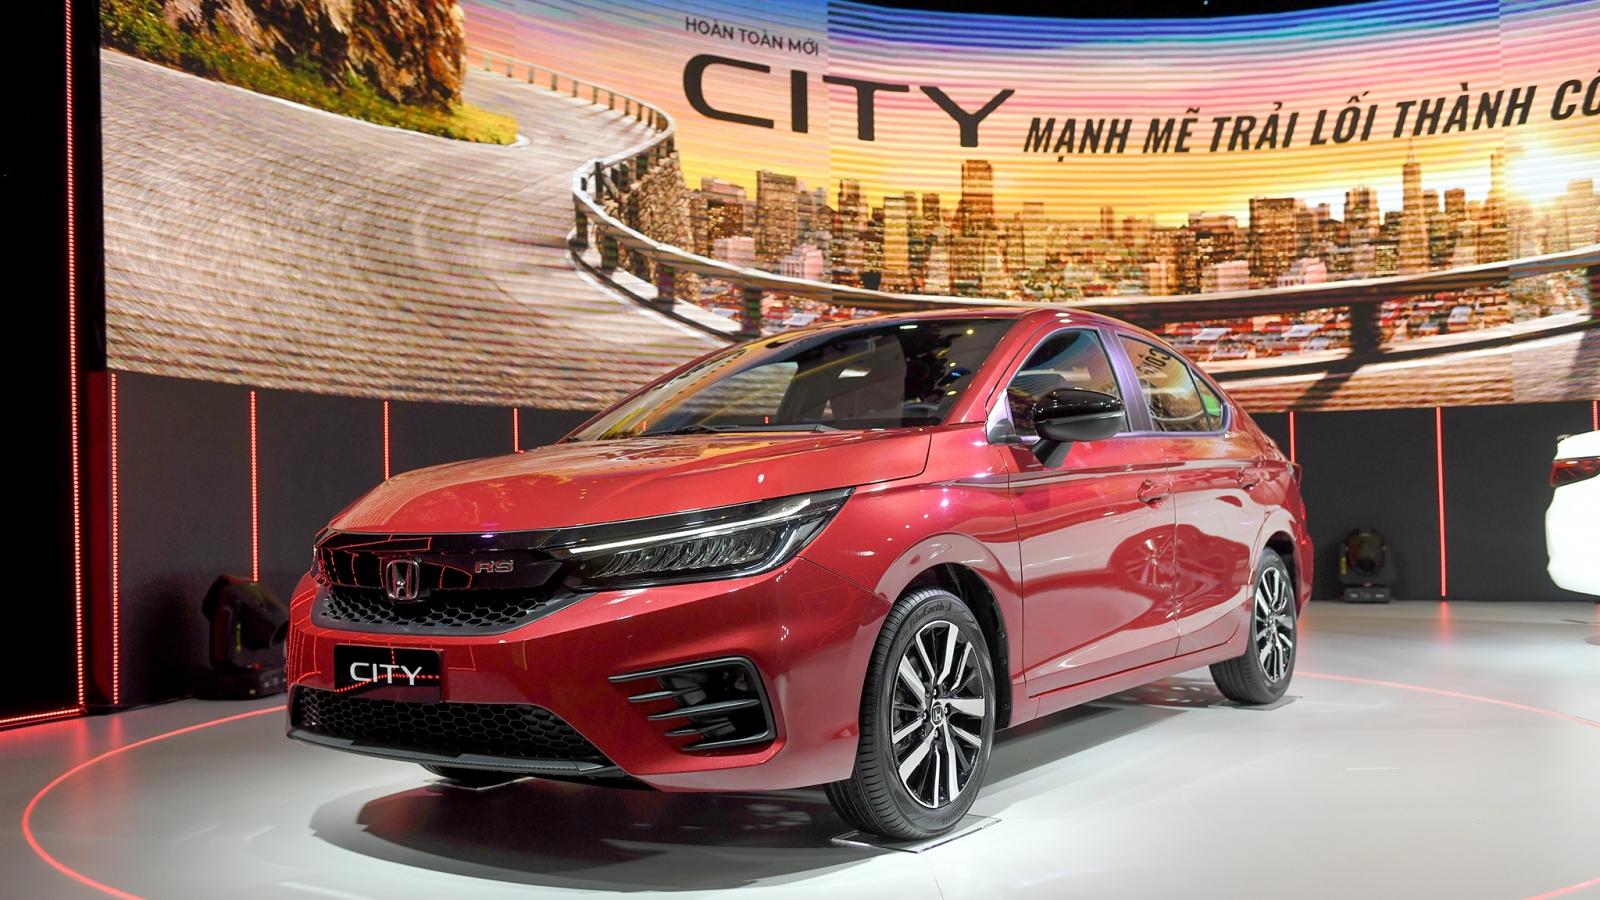 Honda City 2021 chốt giá từ 529 triệu đồng